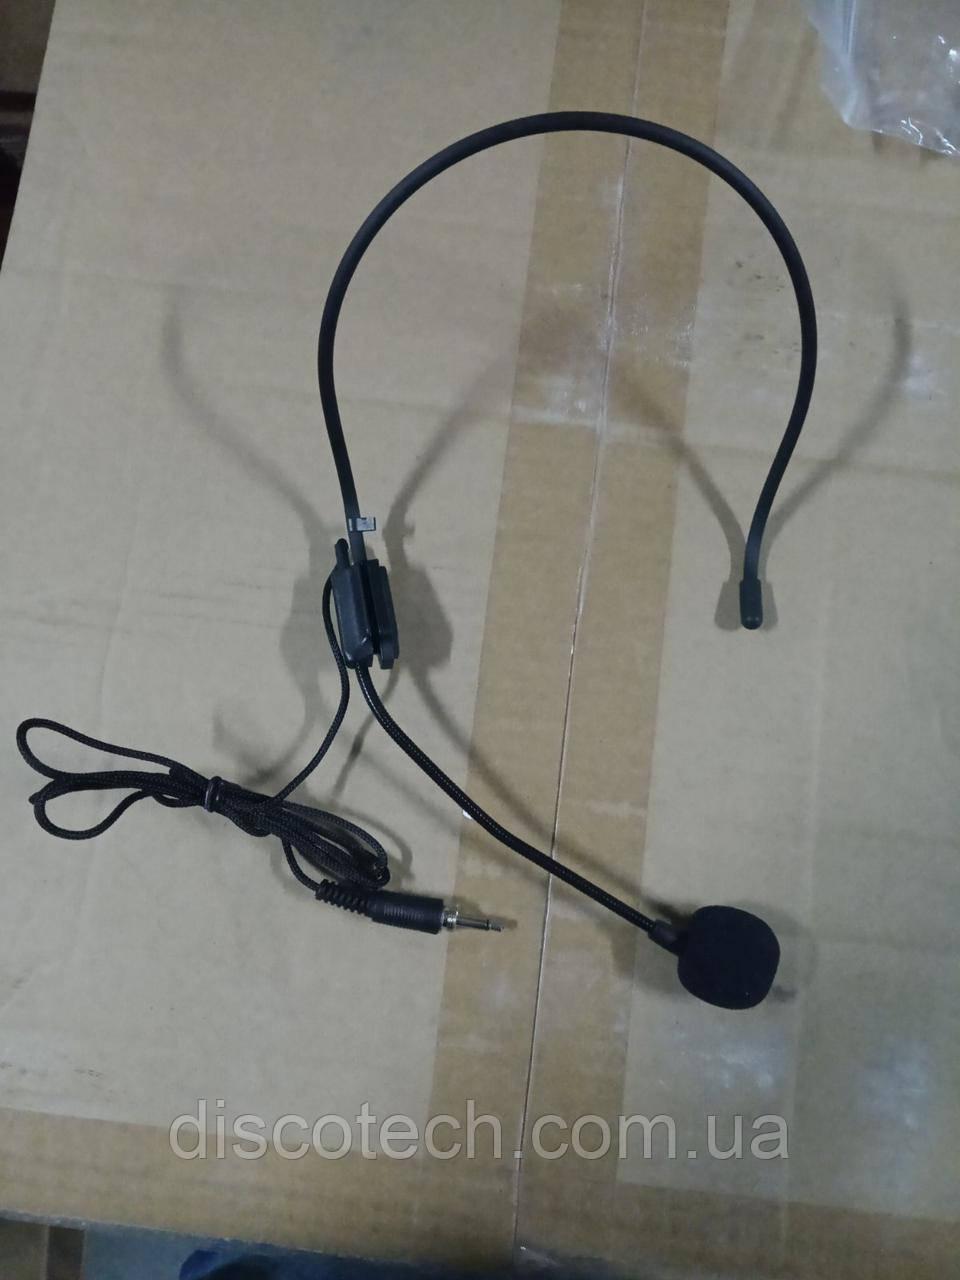 Головная гарнитура 4all Audio HEADSET, проводная